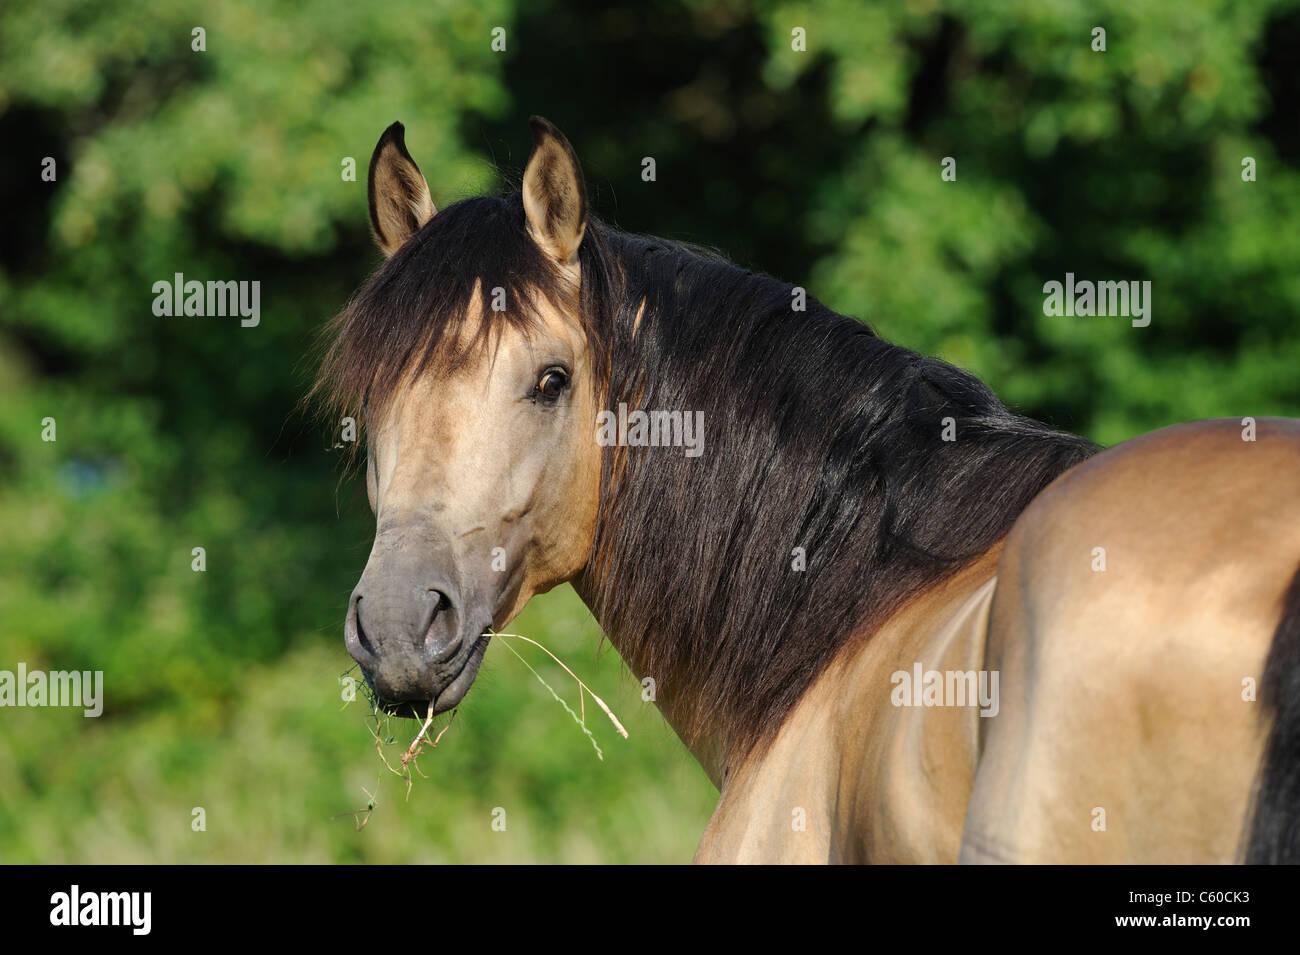 Andalusian Horse (Equus ferus caballus), portrait of dun stallion. - Stock Image